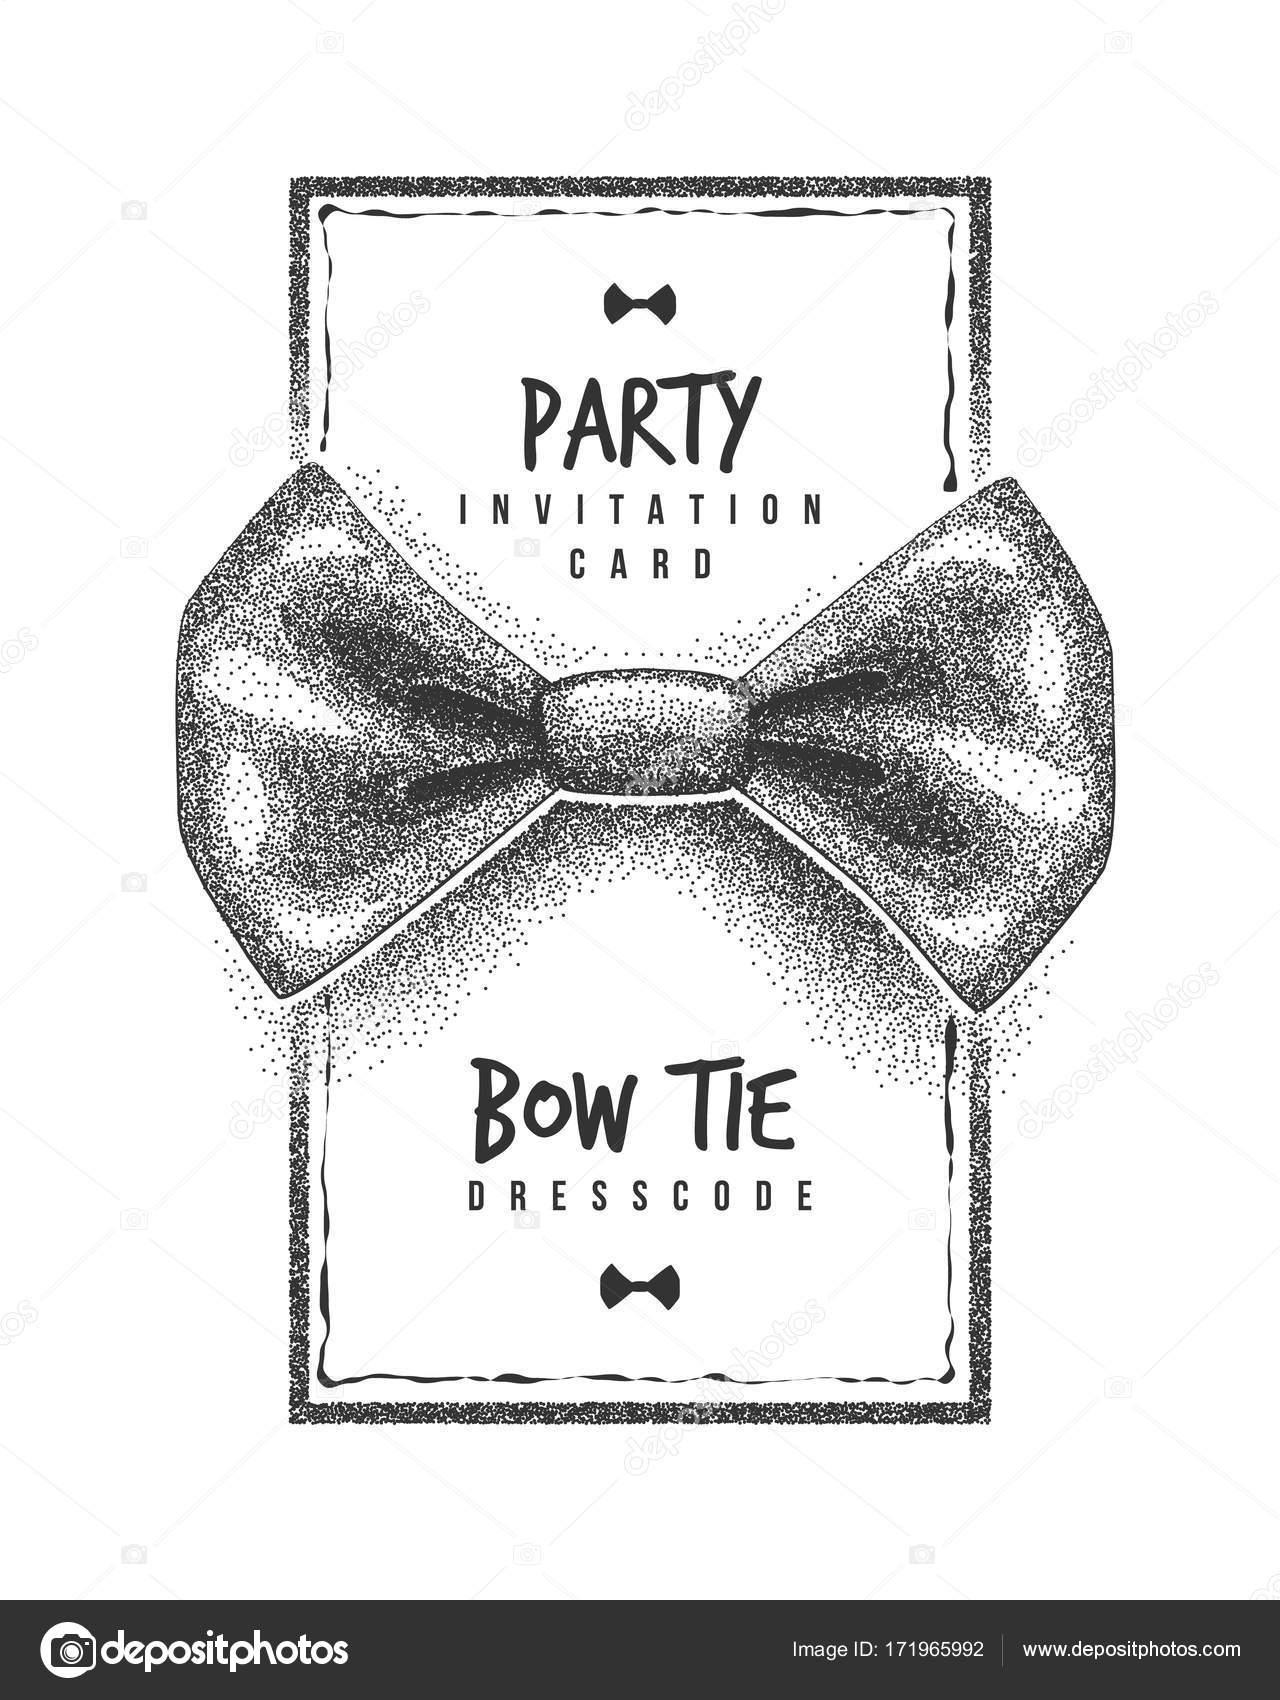 Bow-Tie Partei Einladungskarte Kleiderordnung Nachricht Stippling ...